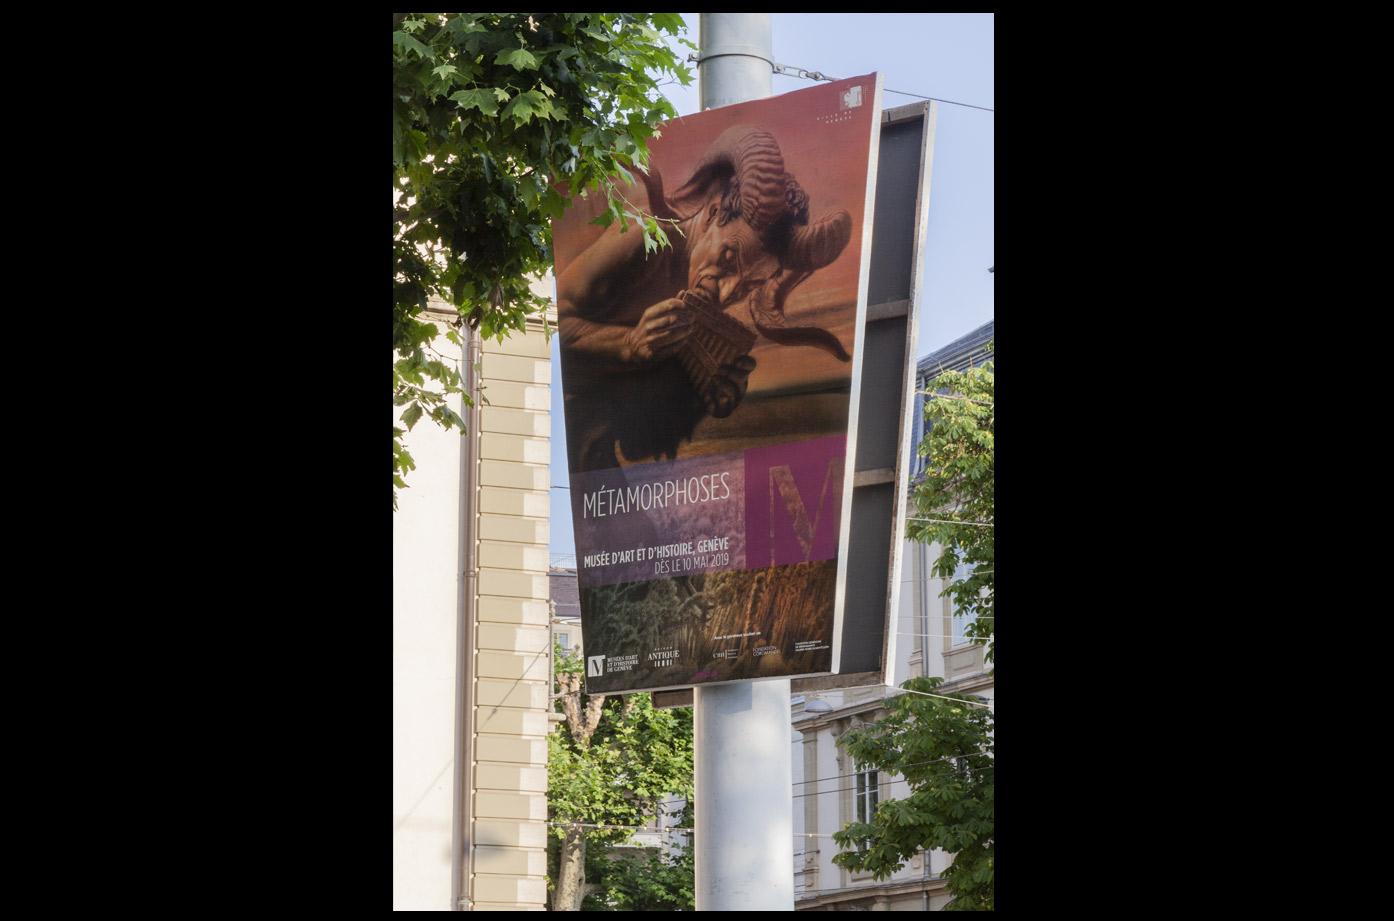 Musee-Art-Histoire-Exposition-Metamorphoses-Trapeze-Sophie-Jatont